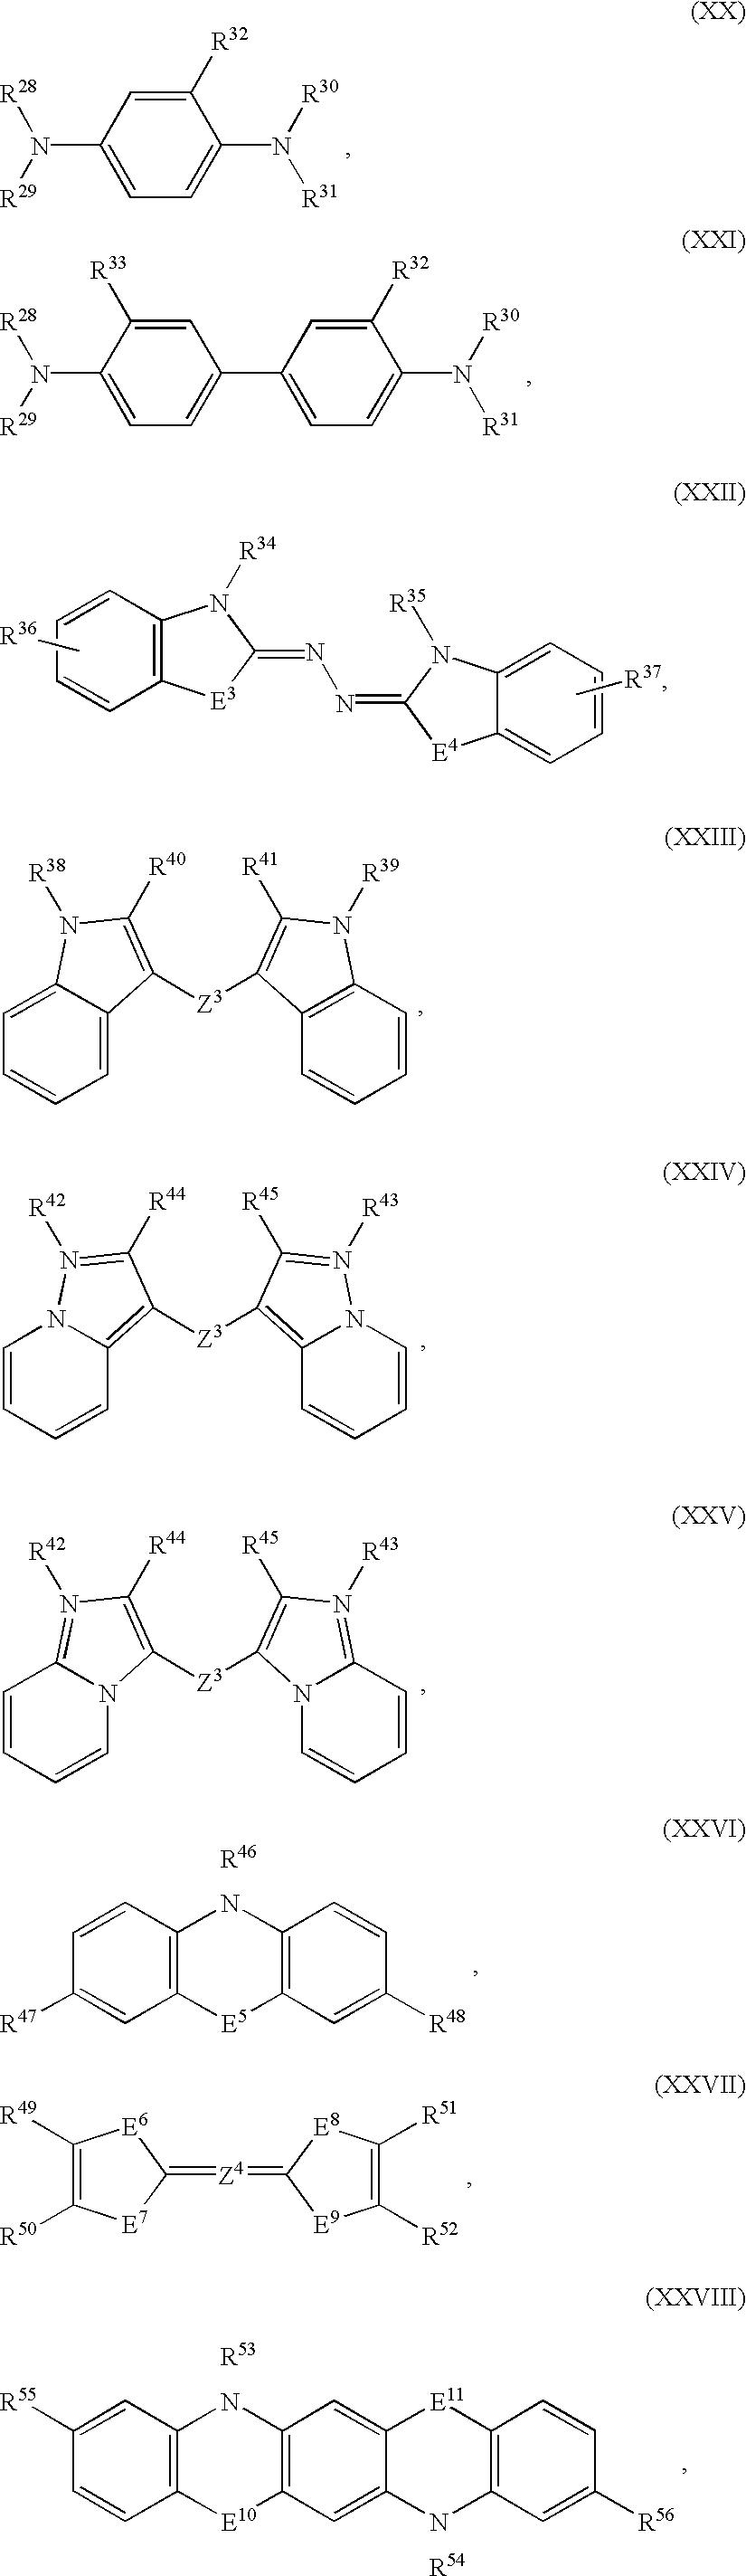 Figure US06509999-20030121-C00006